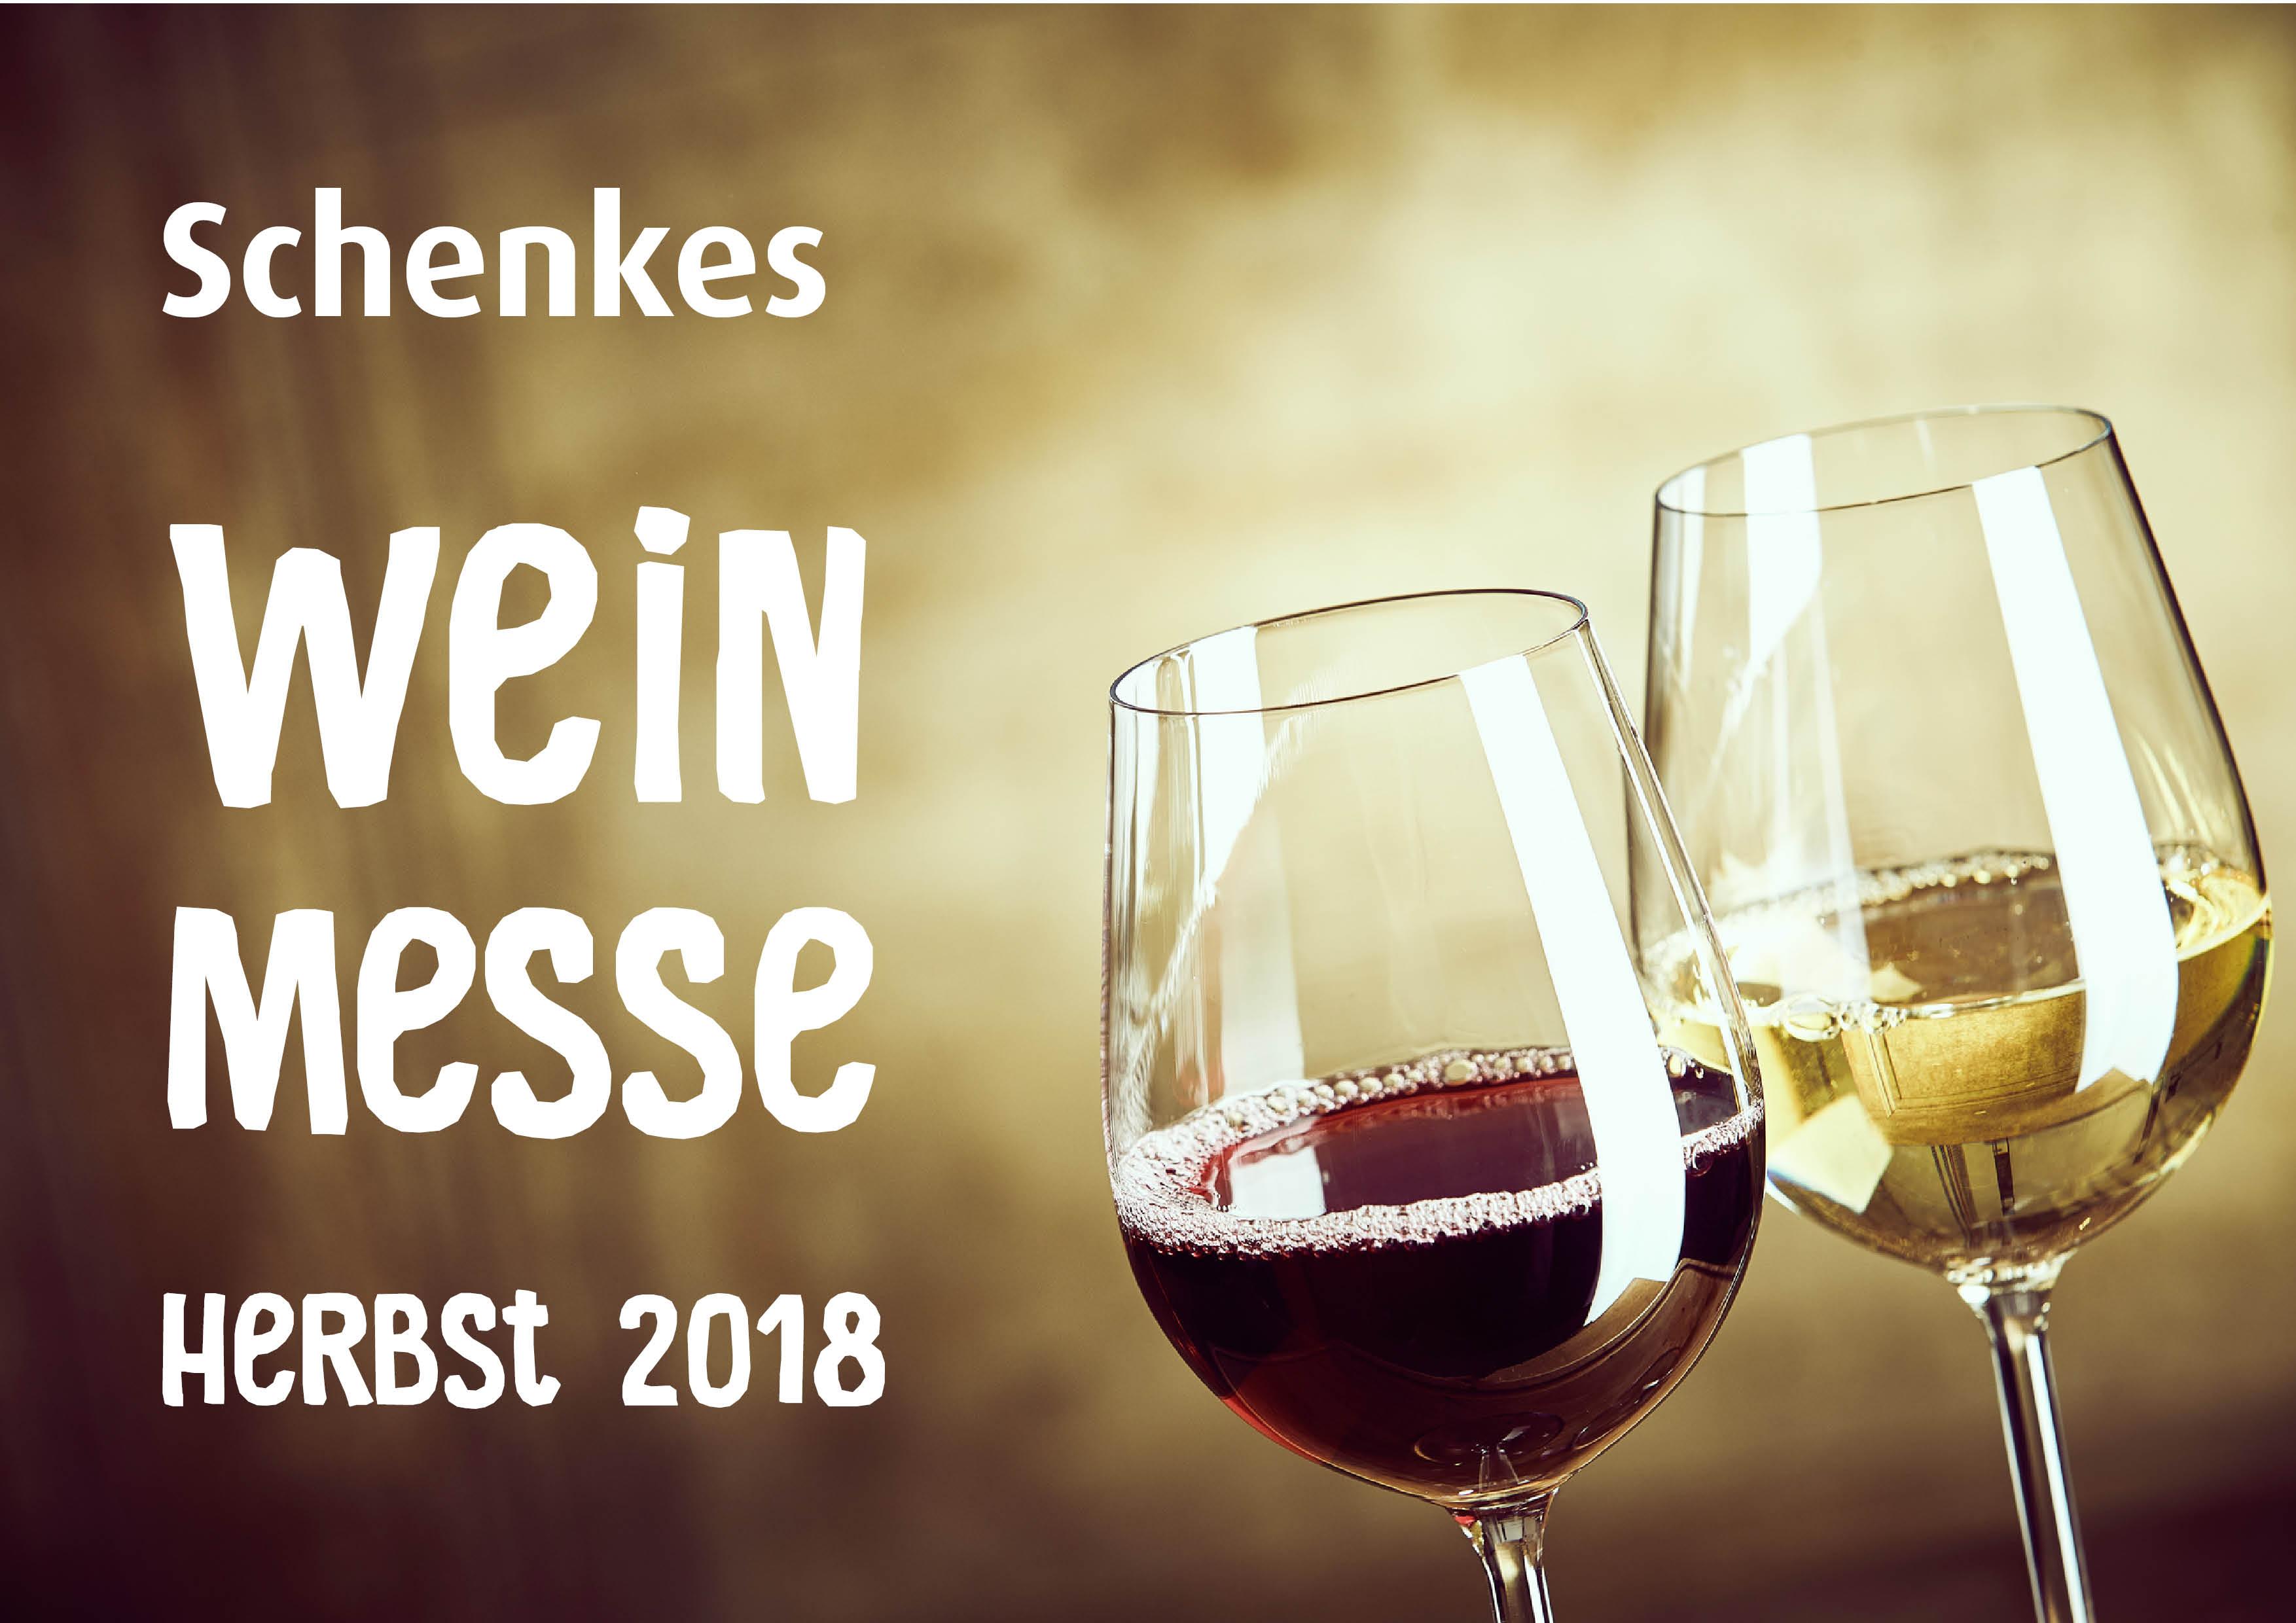 Weinmessen Herbst 2018